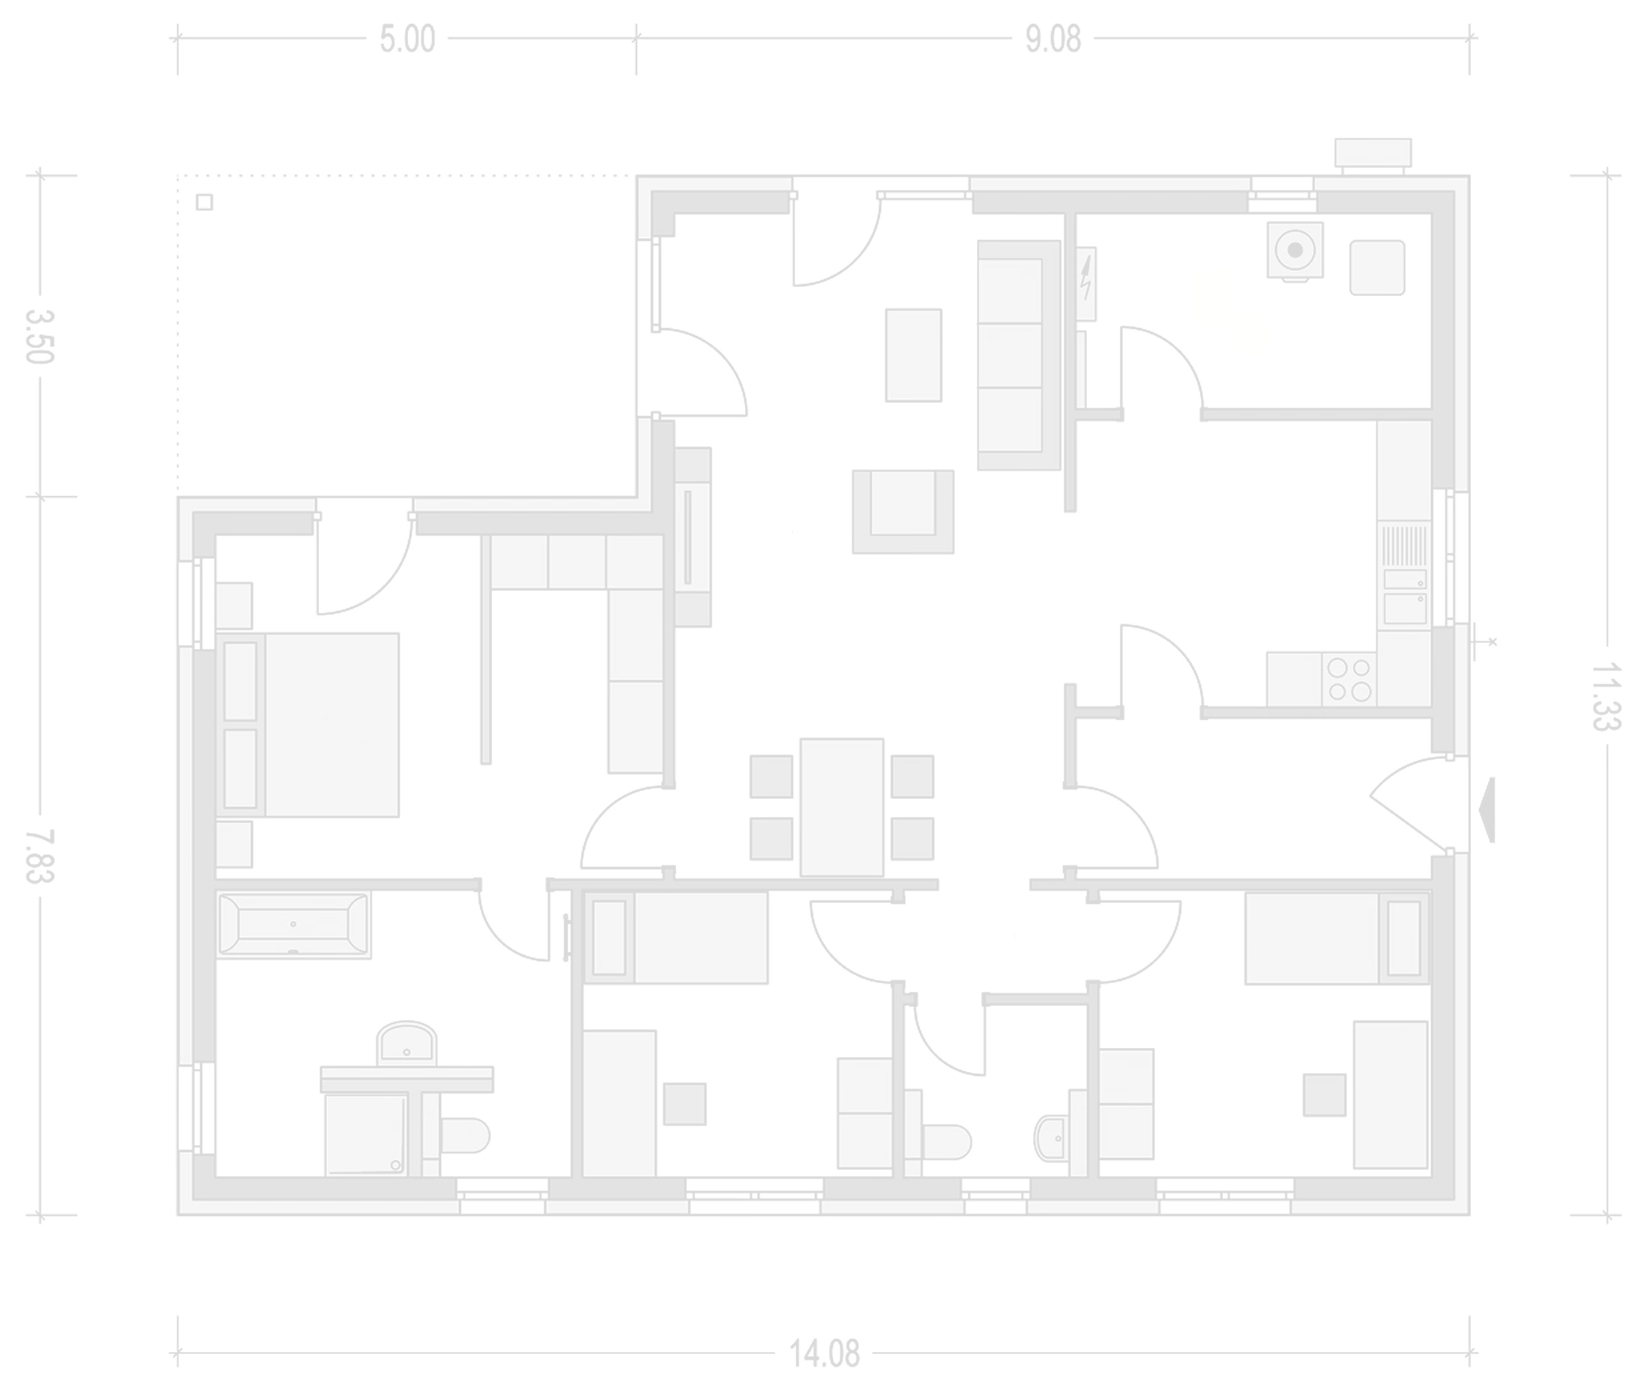 Planimetria della costruzione Casa in Legno modello Casa MaDe di LignoAlp | Damiani-Holz&KO Spa